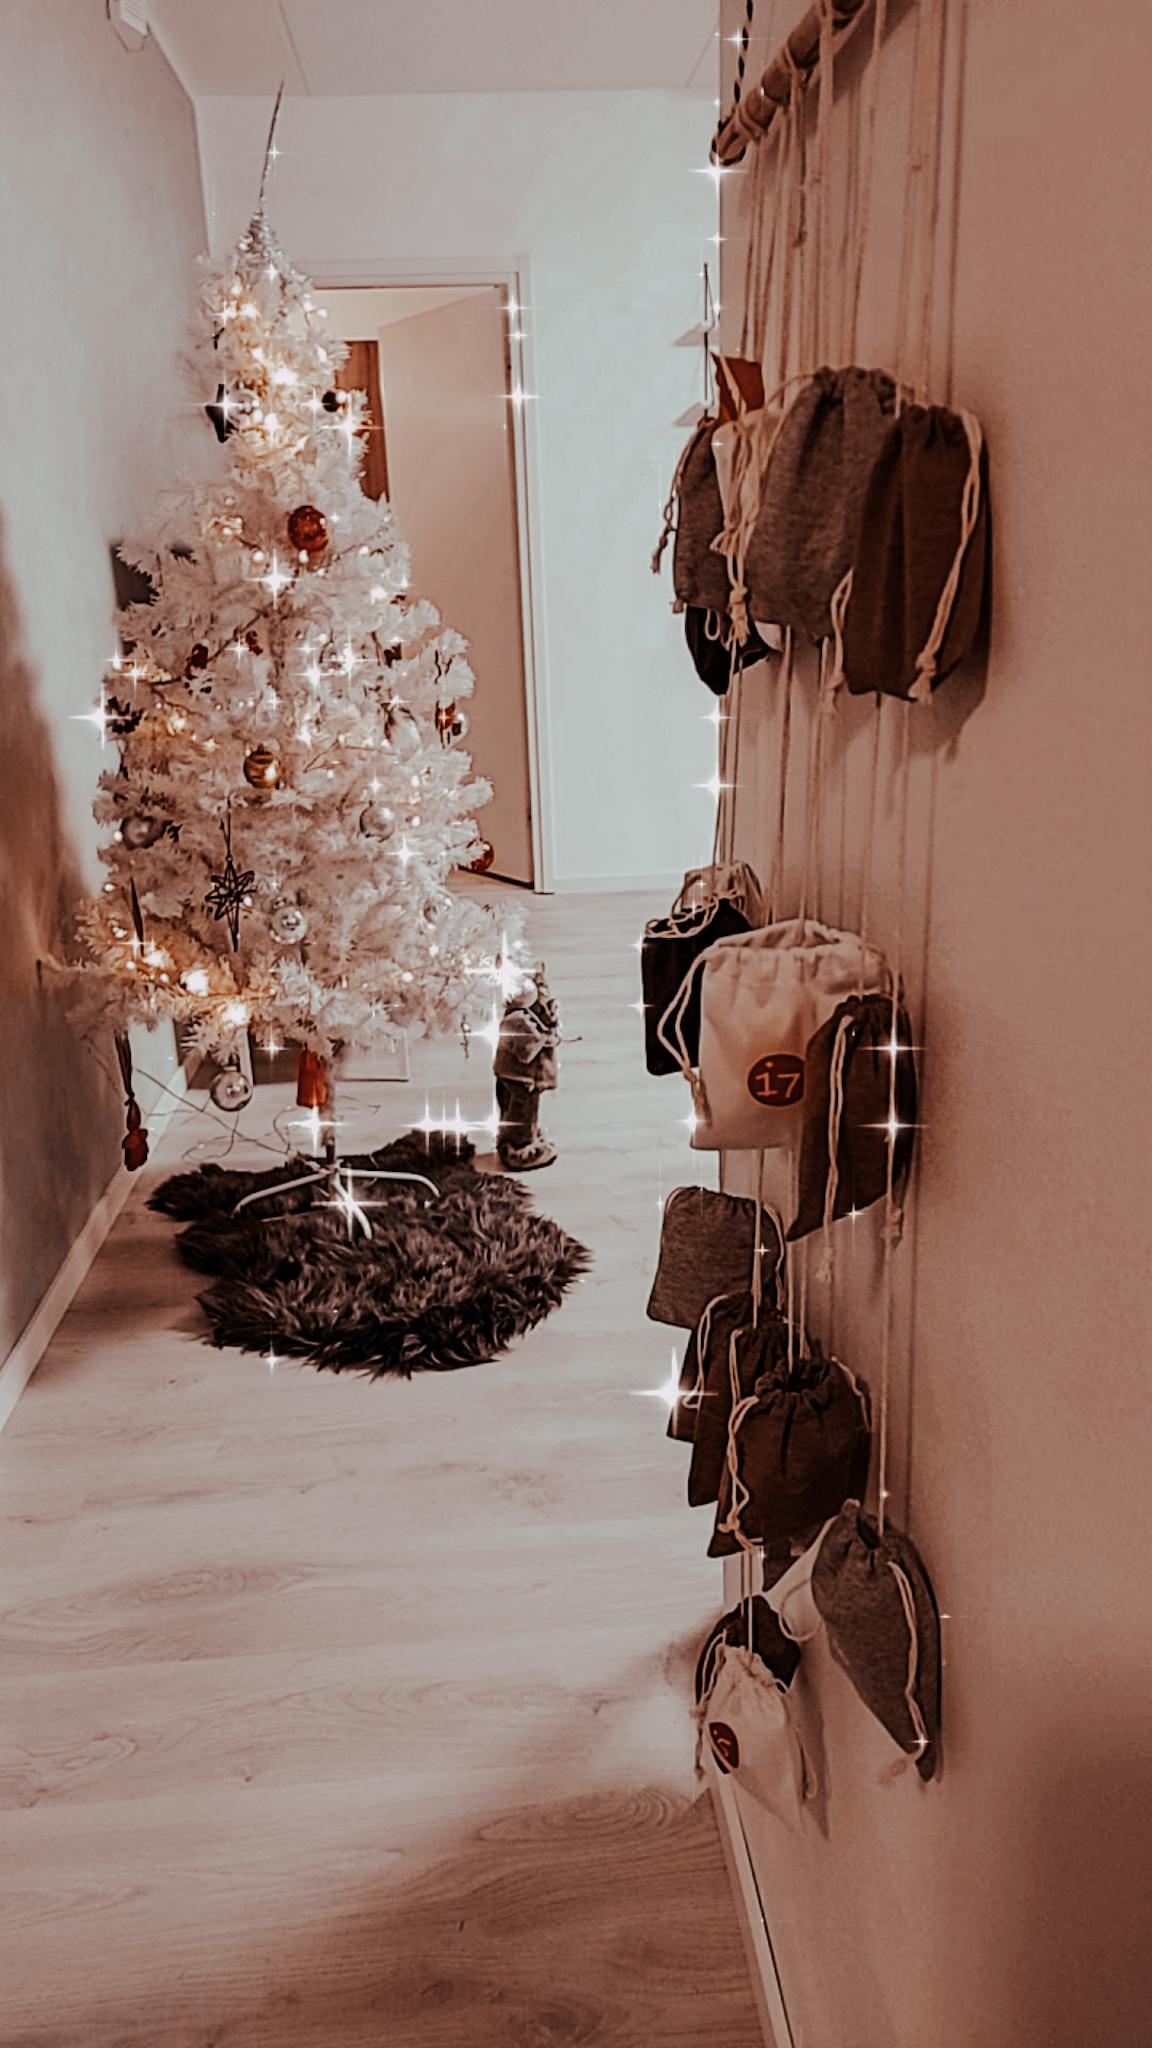 joulukalenteri lapsille